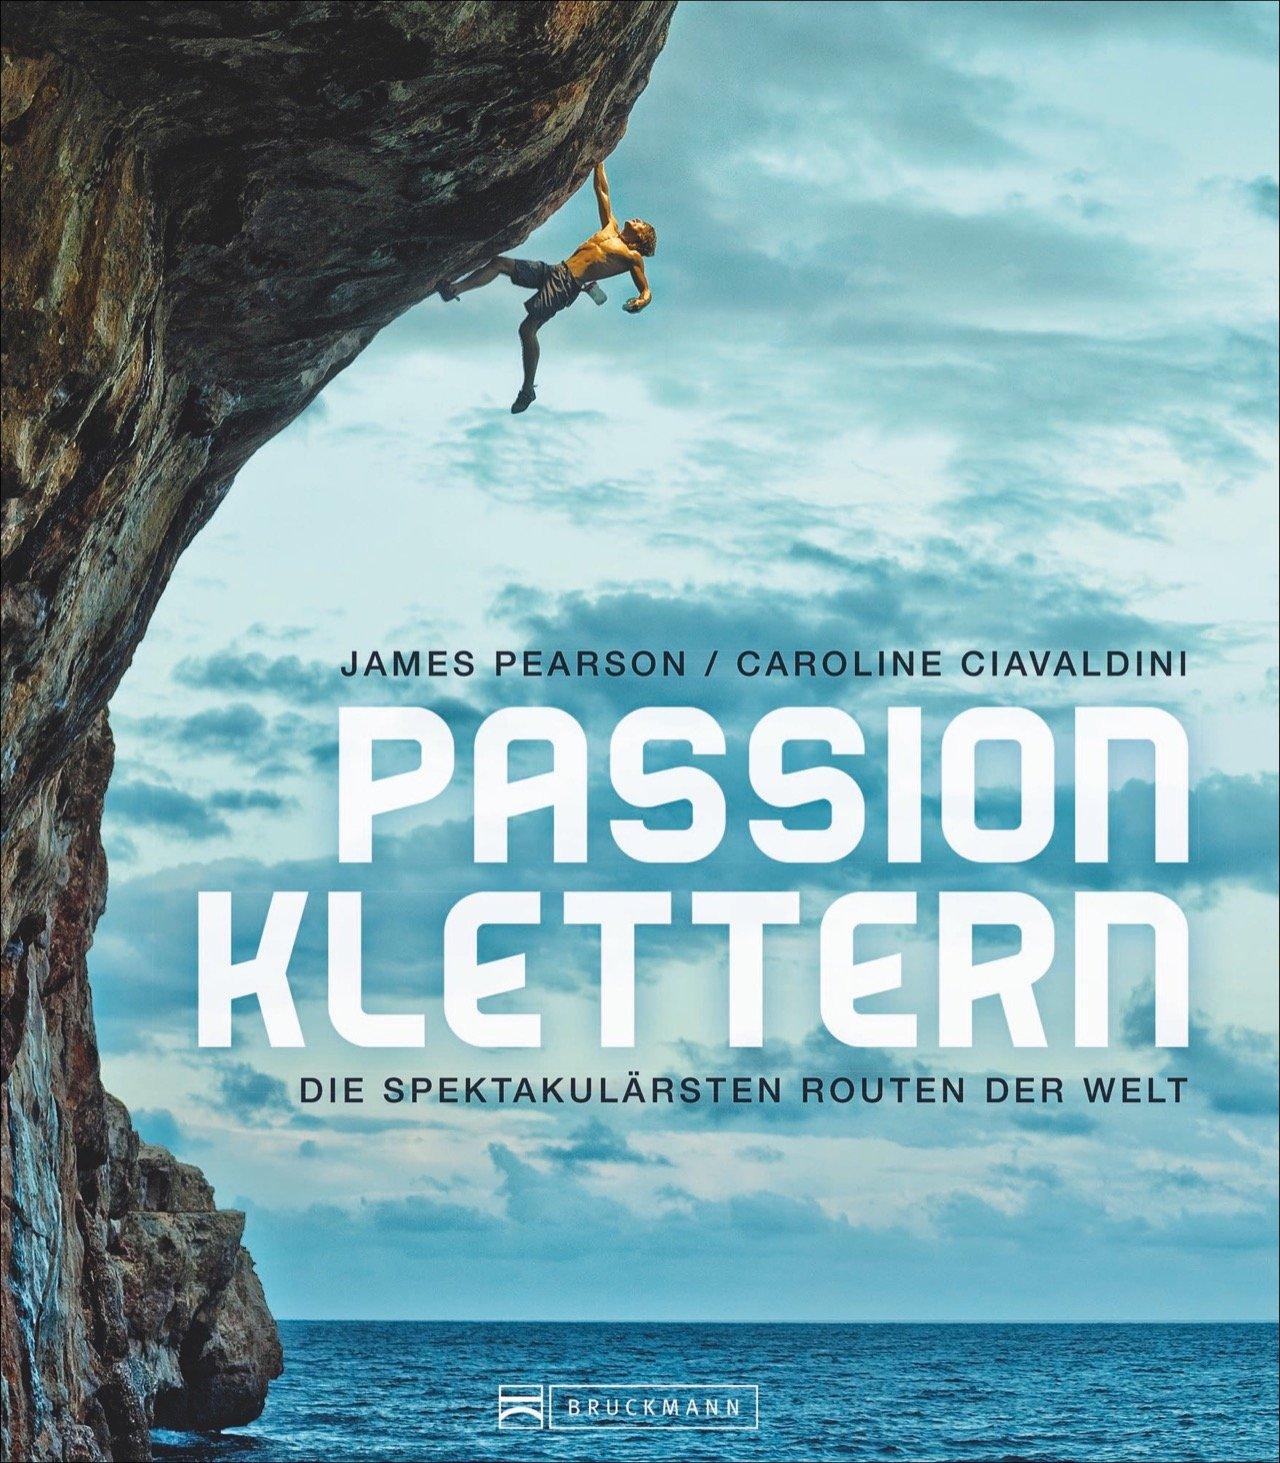 Passion Klettern   Die spektakulärsten Routen der Welt   James ...